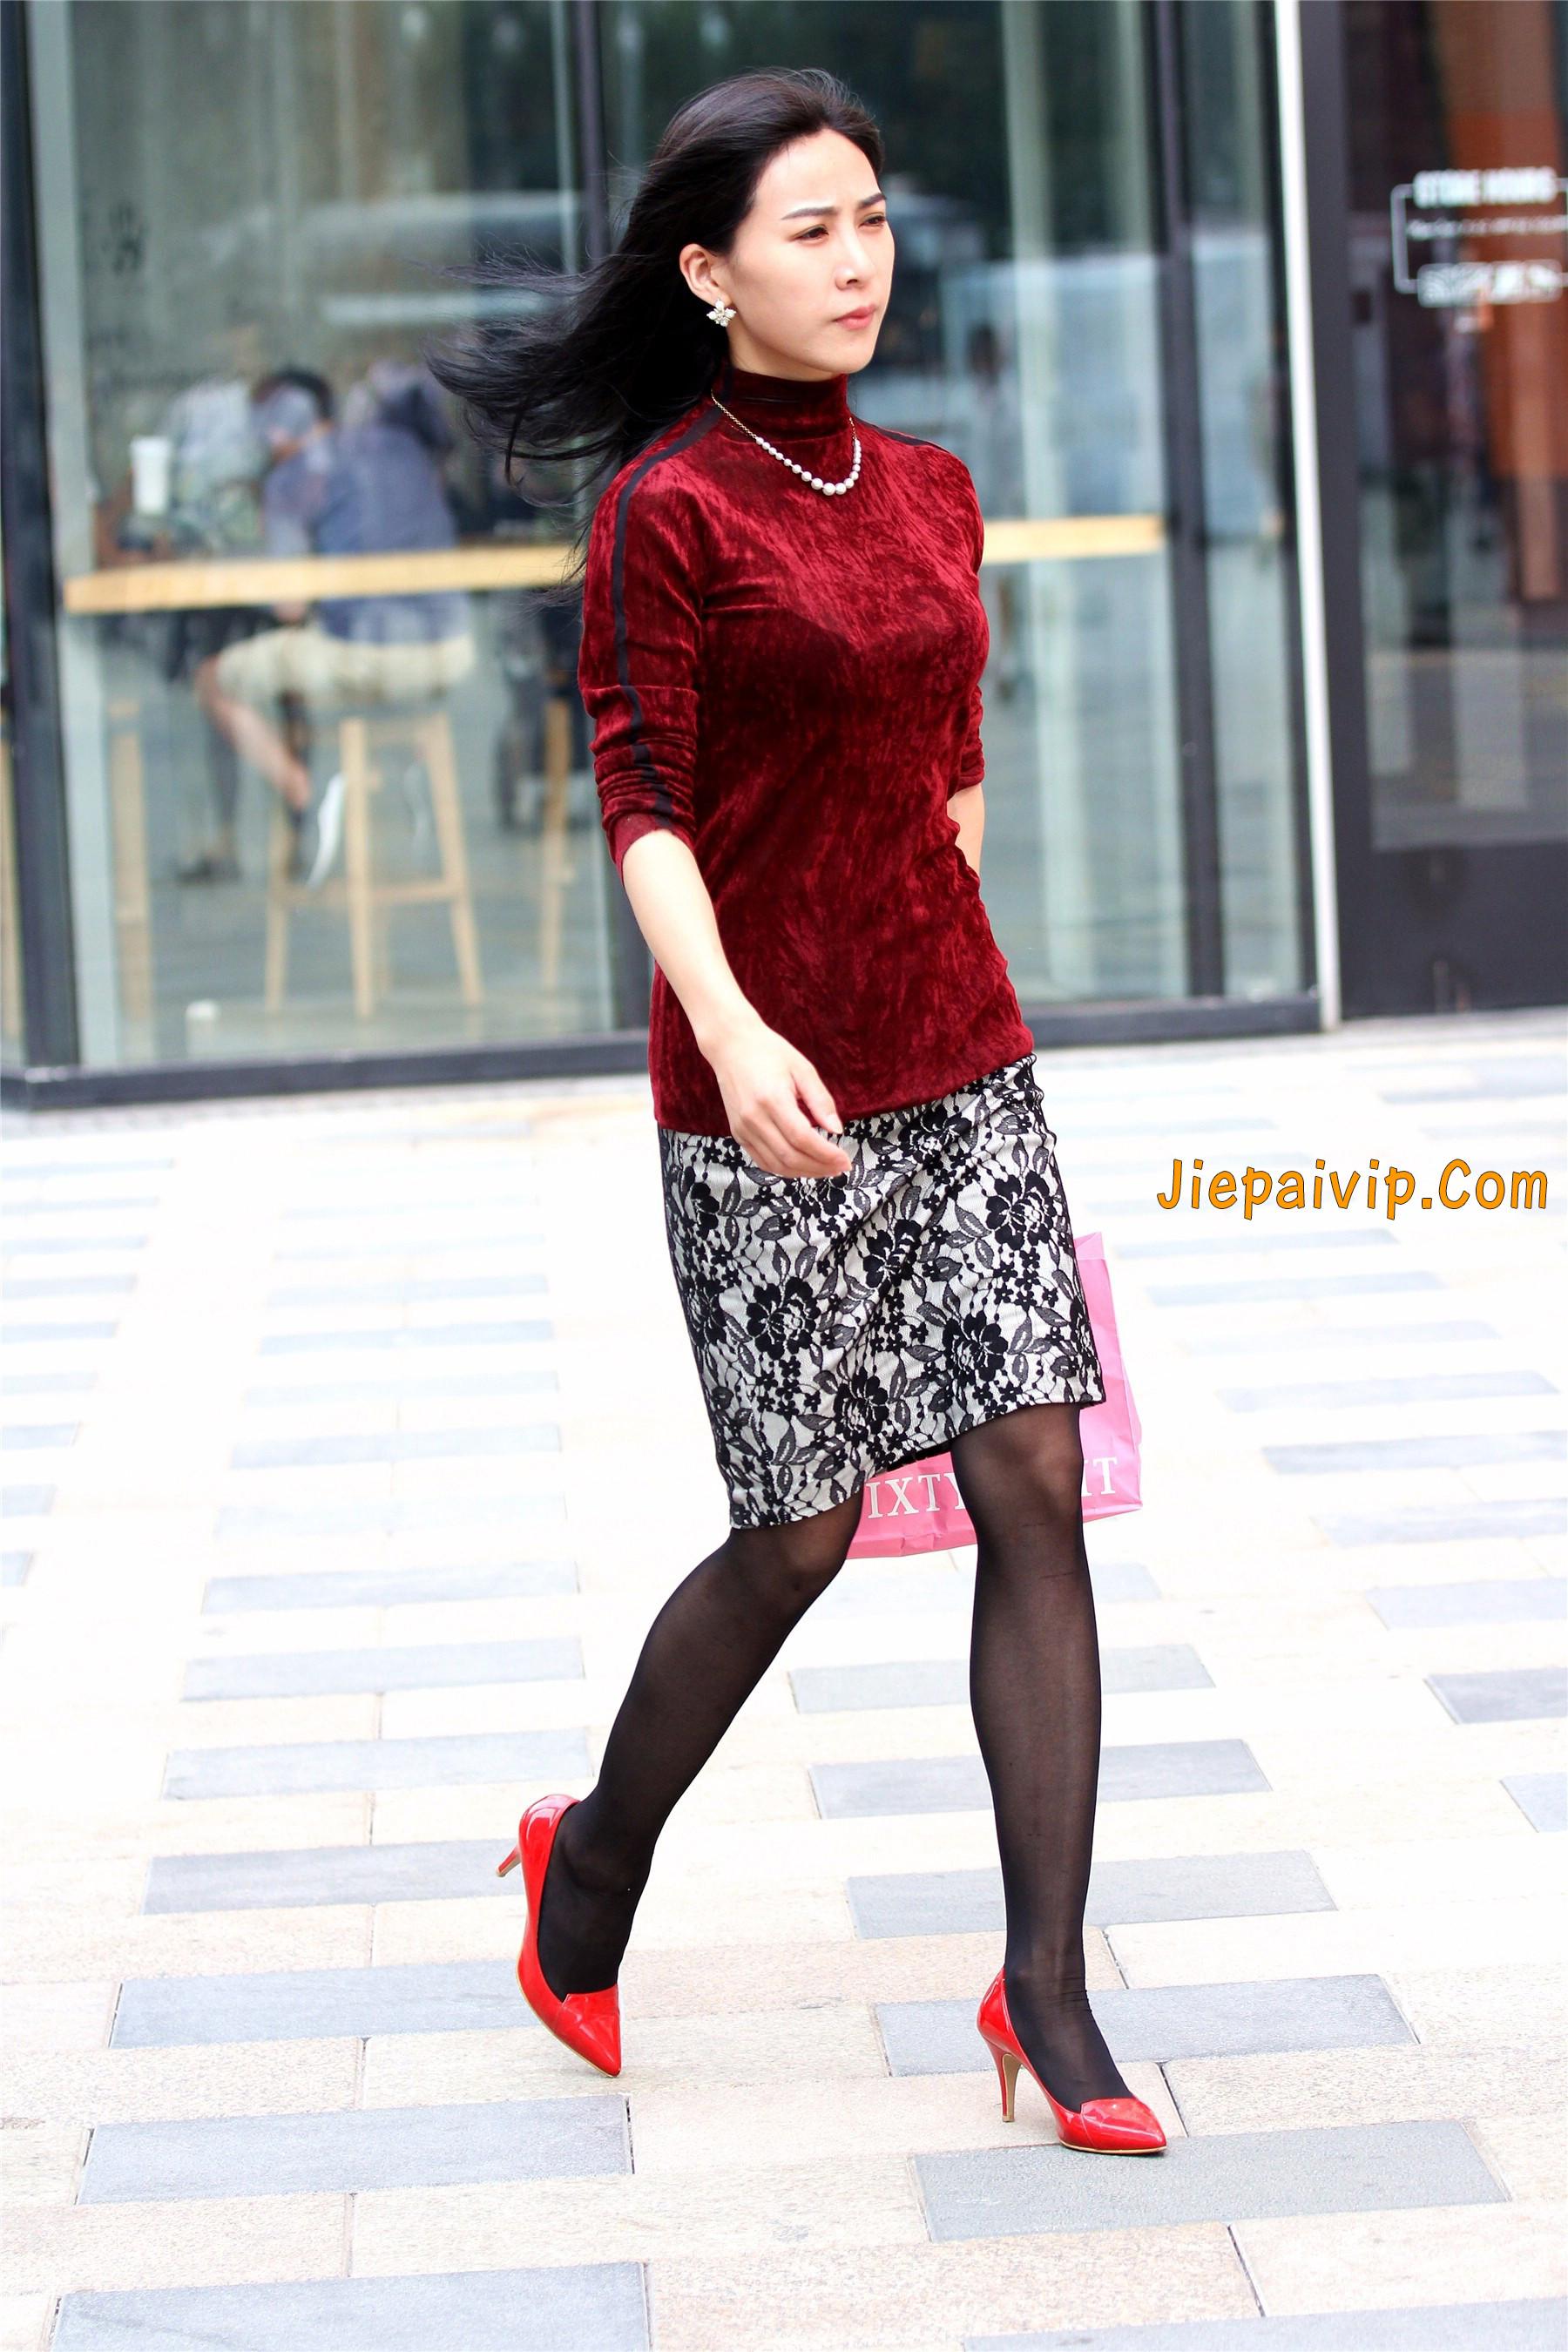 黑色丝袜红色高跟少妇6